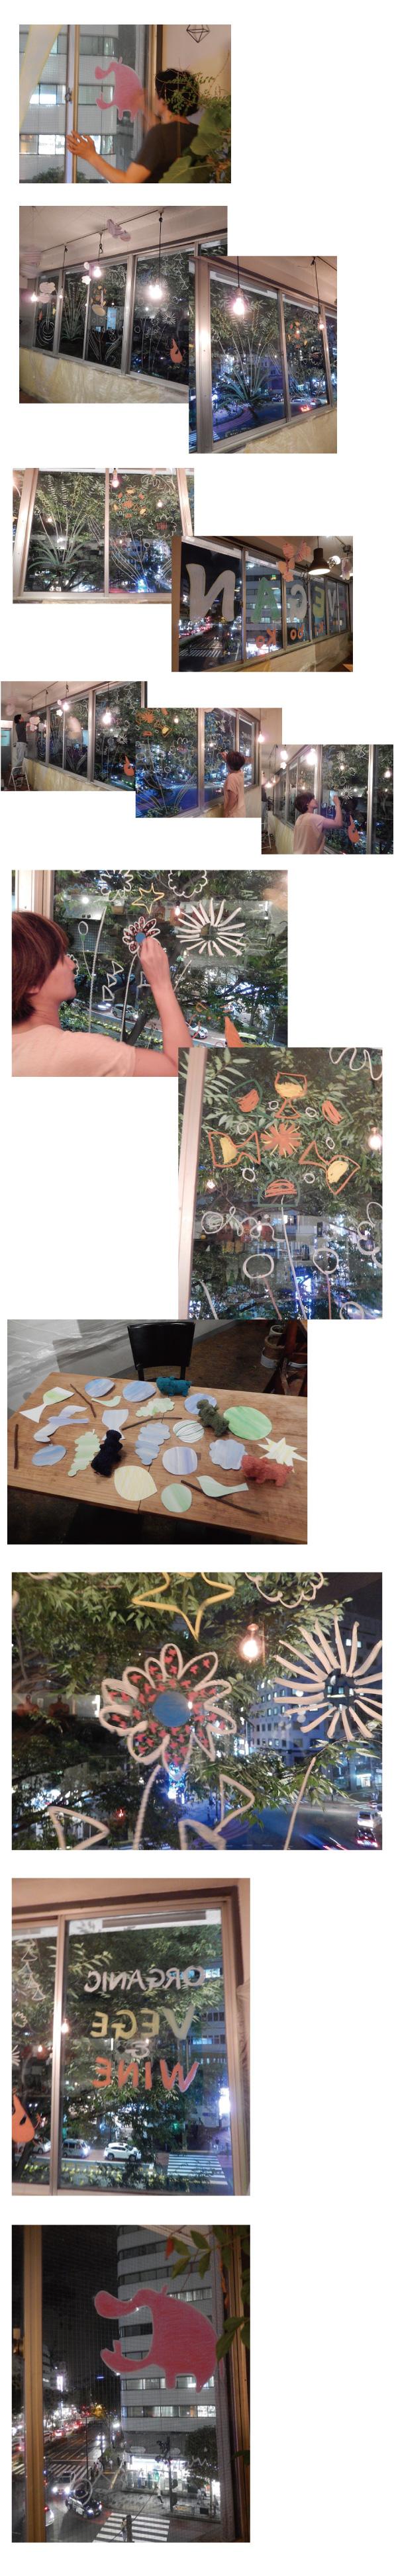 お野菜小皿料理のワインバル キボコ ウインドーアート第4弾 サイトウマサミツさんの「Jardin de Kiboko(ジャルダン・ド・キボコ)」(2019年8月20日〜)